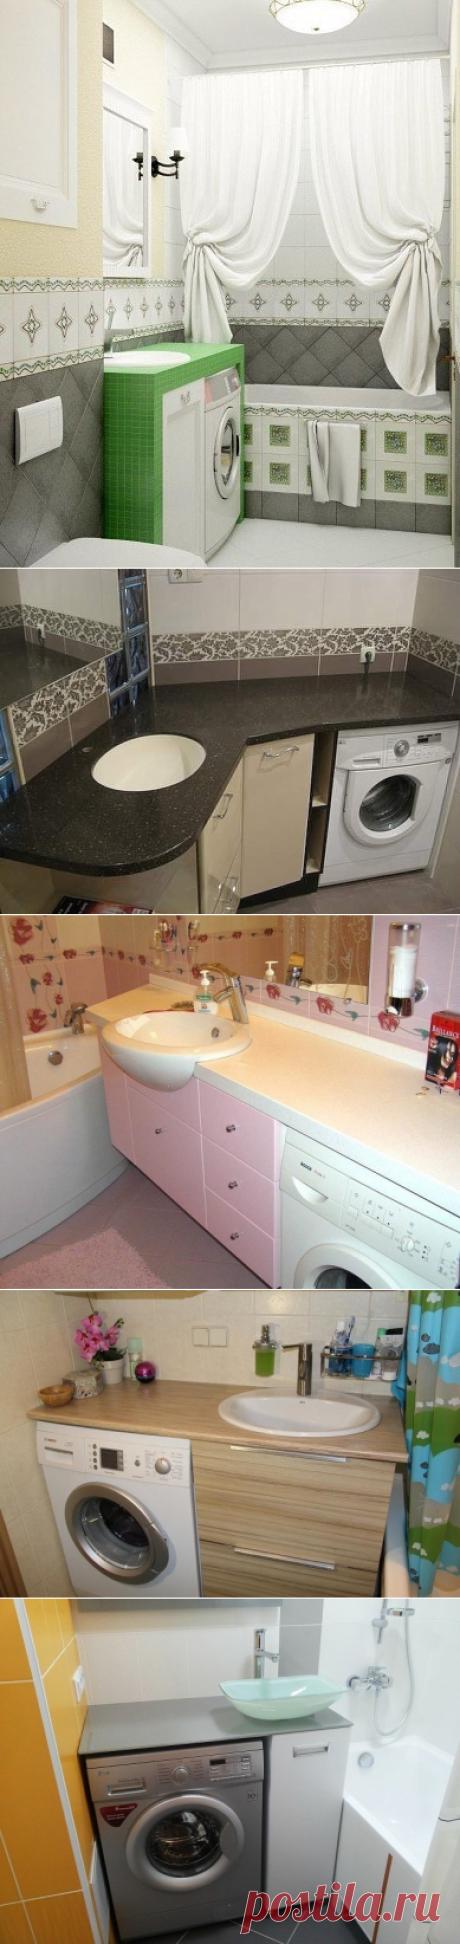 Куда пристроить стиральную машину